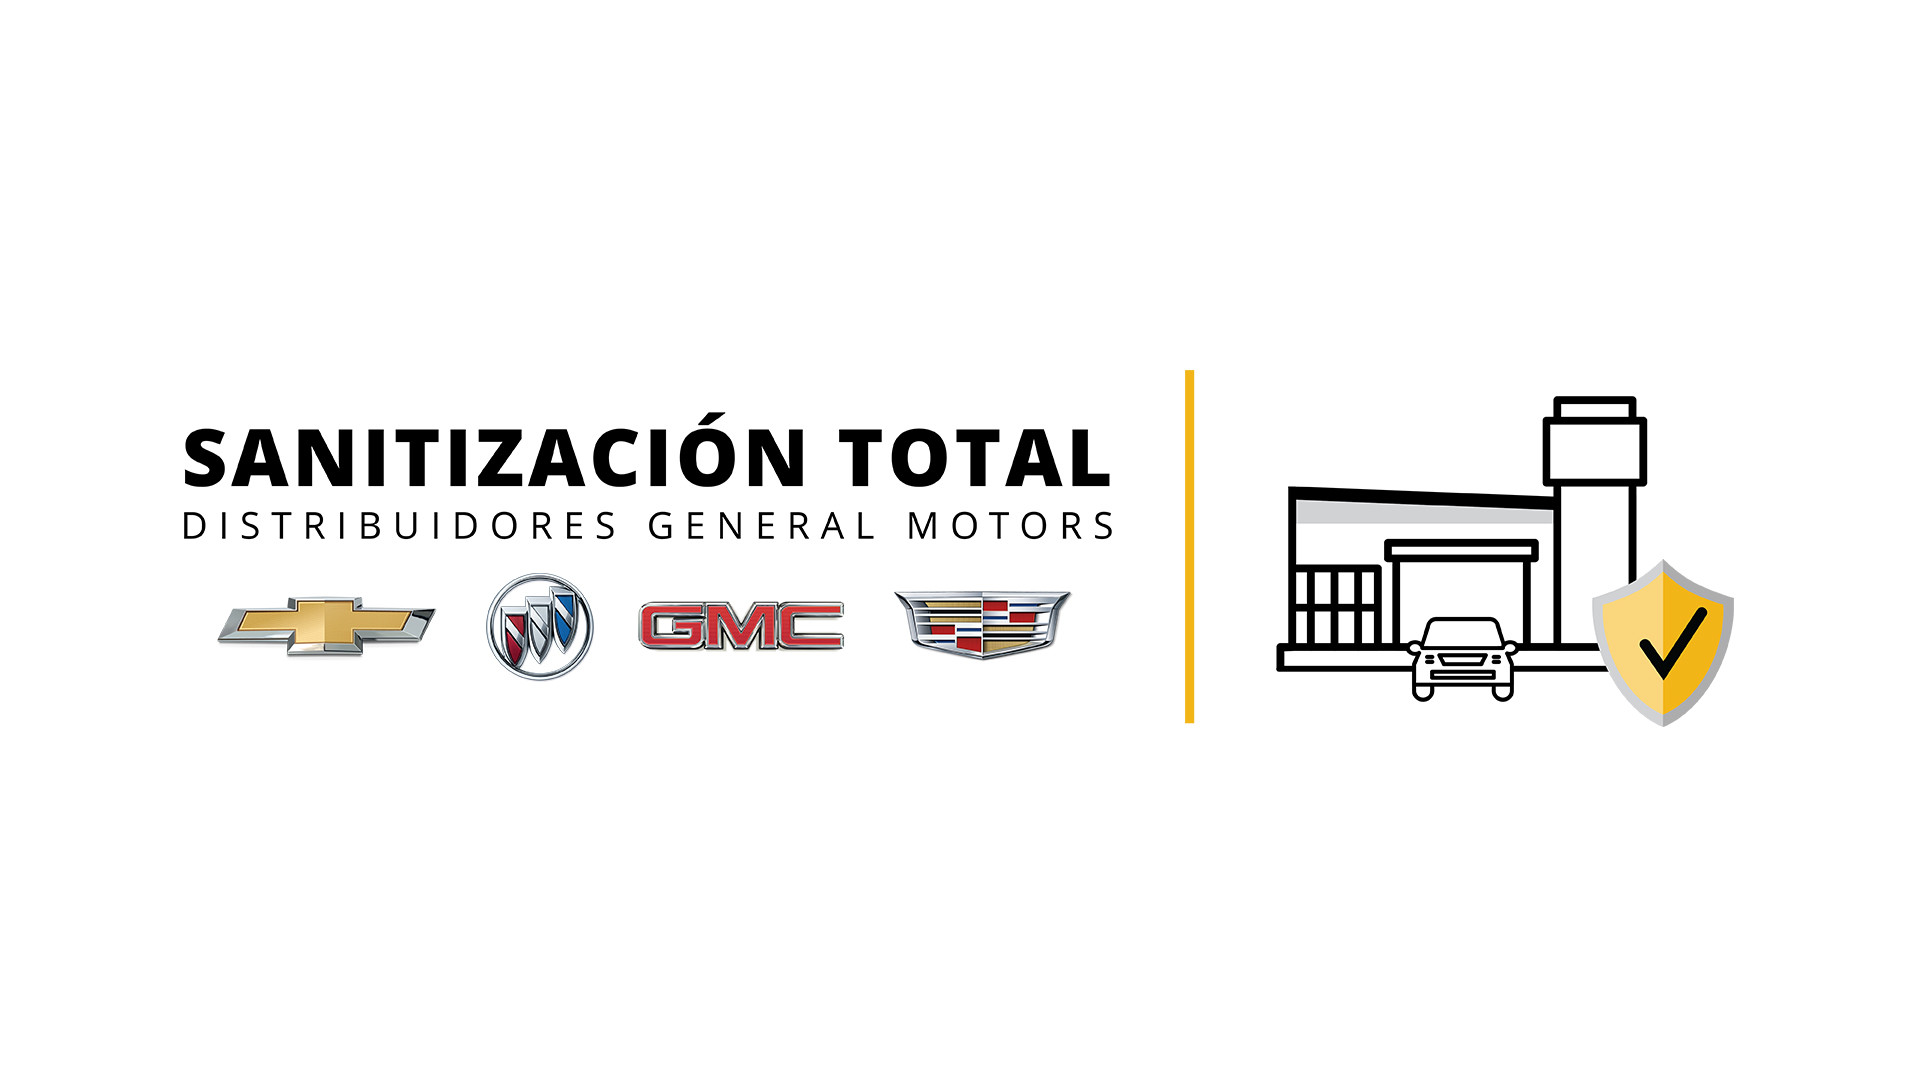 """General Motors inicia programa """"Sanitización Total"""" en distribuidores"""